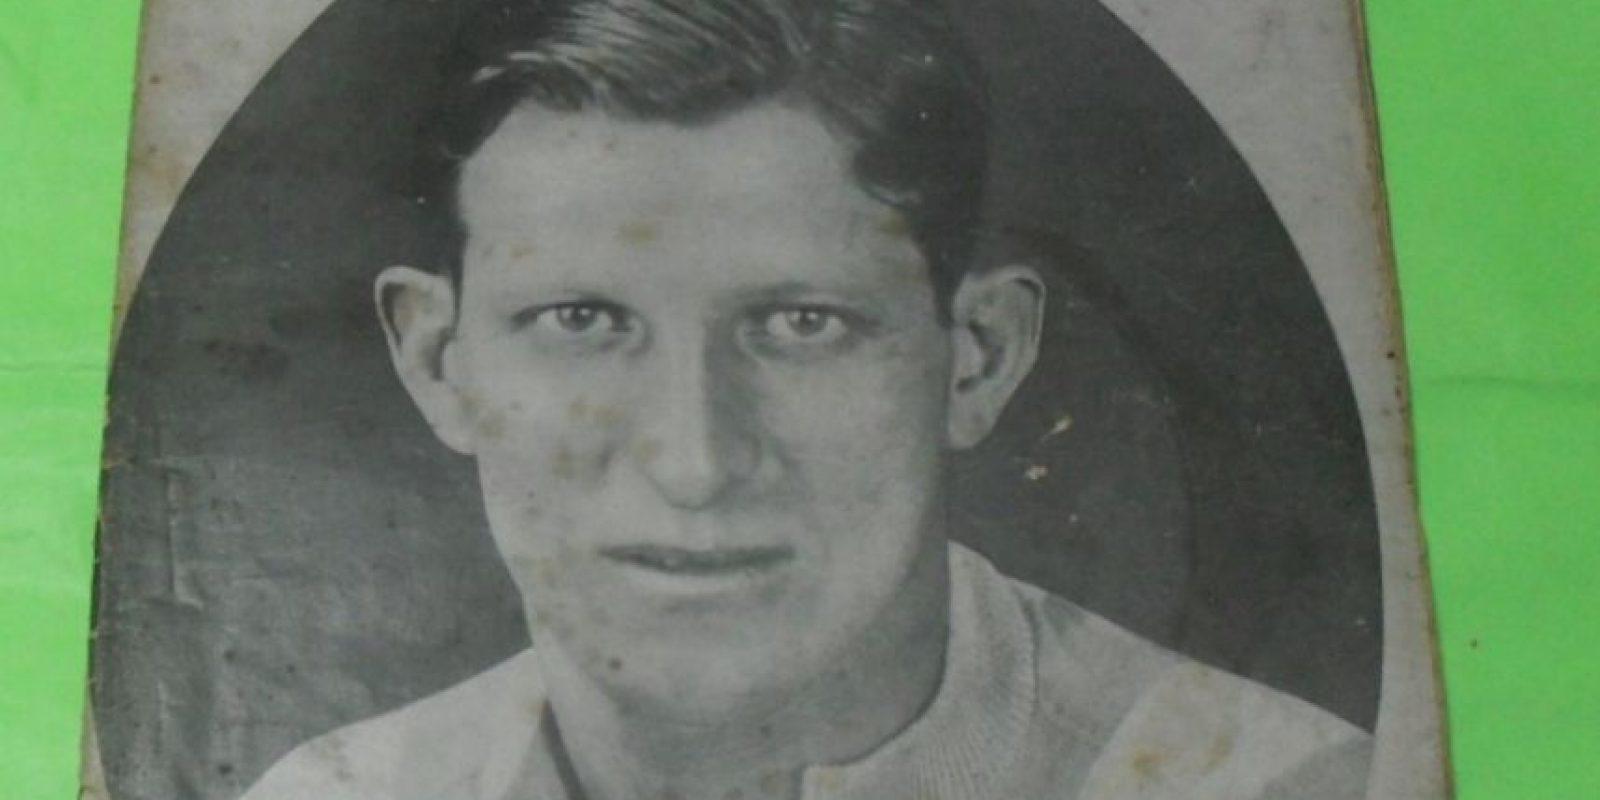 Amsterdam 1928: Domingo Tarasconi (Argentina) – 11 goles, 5 partidos Foto:El Gráfico